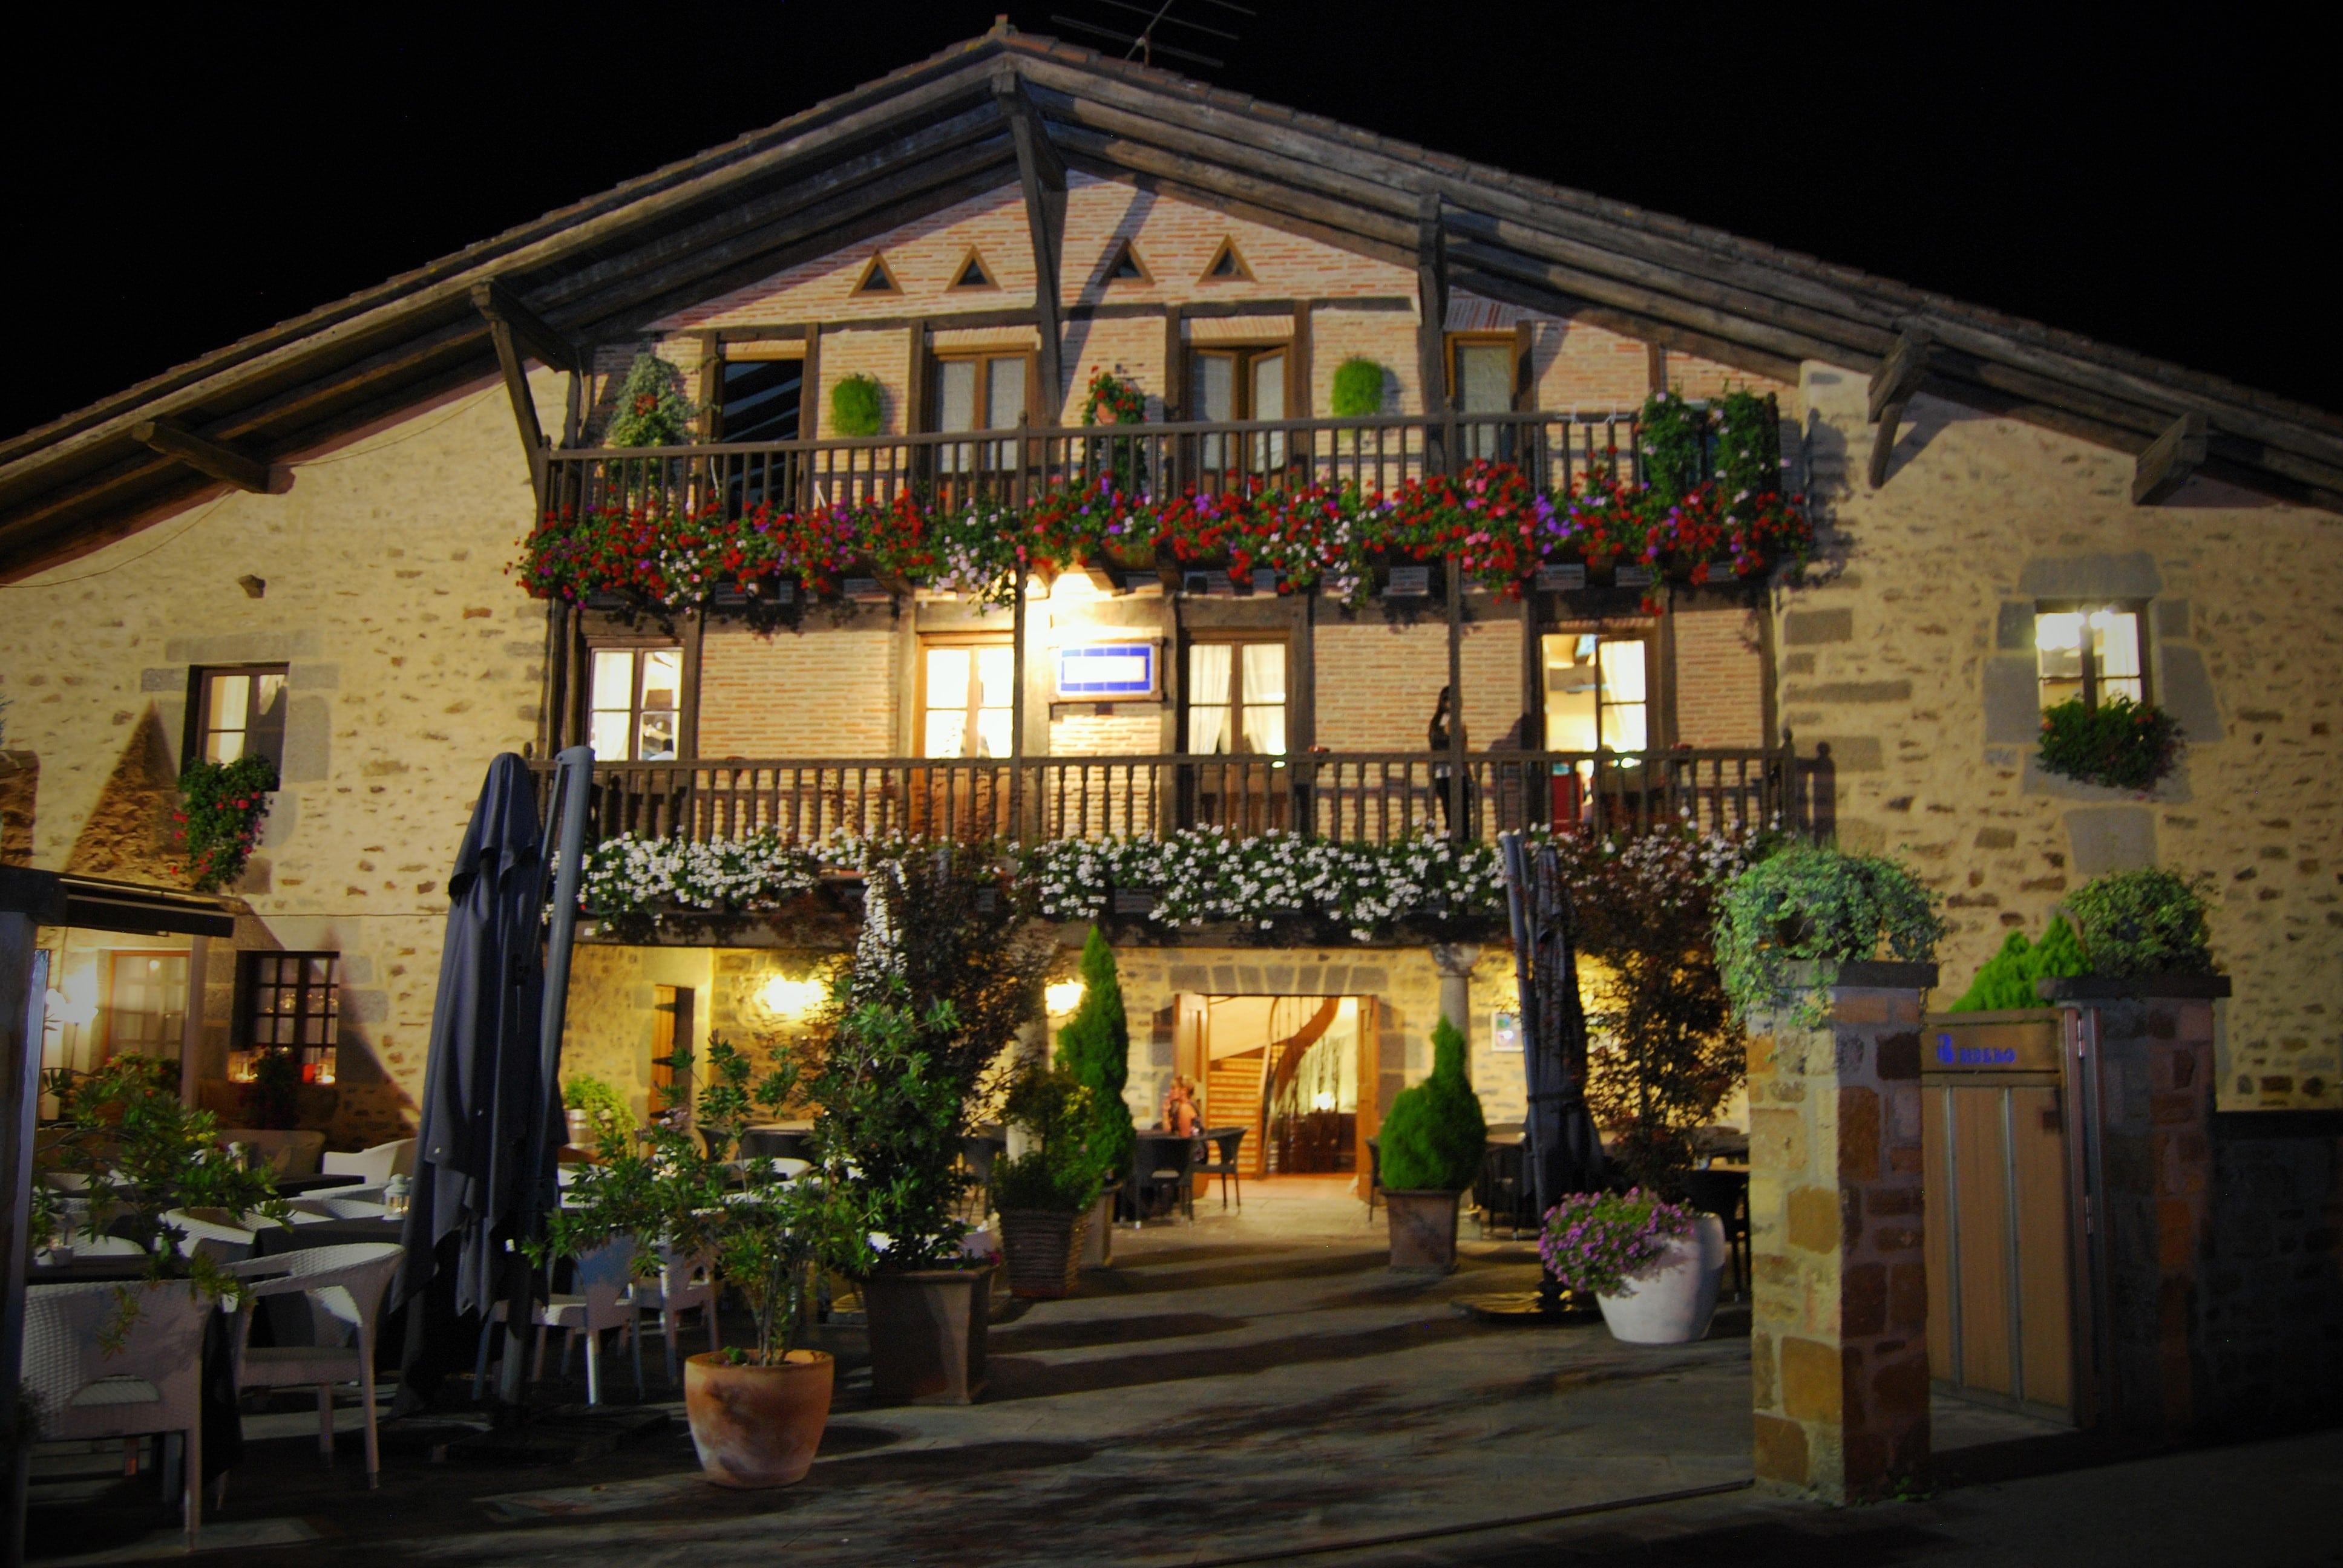 restaurante_bideko-exteriores-terraza-cocina_tradicional_vasca-restaurantes_vizcaya-restaurantes_alava-comer_en_euskadi-bideko-amurrio-lezama (42)